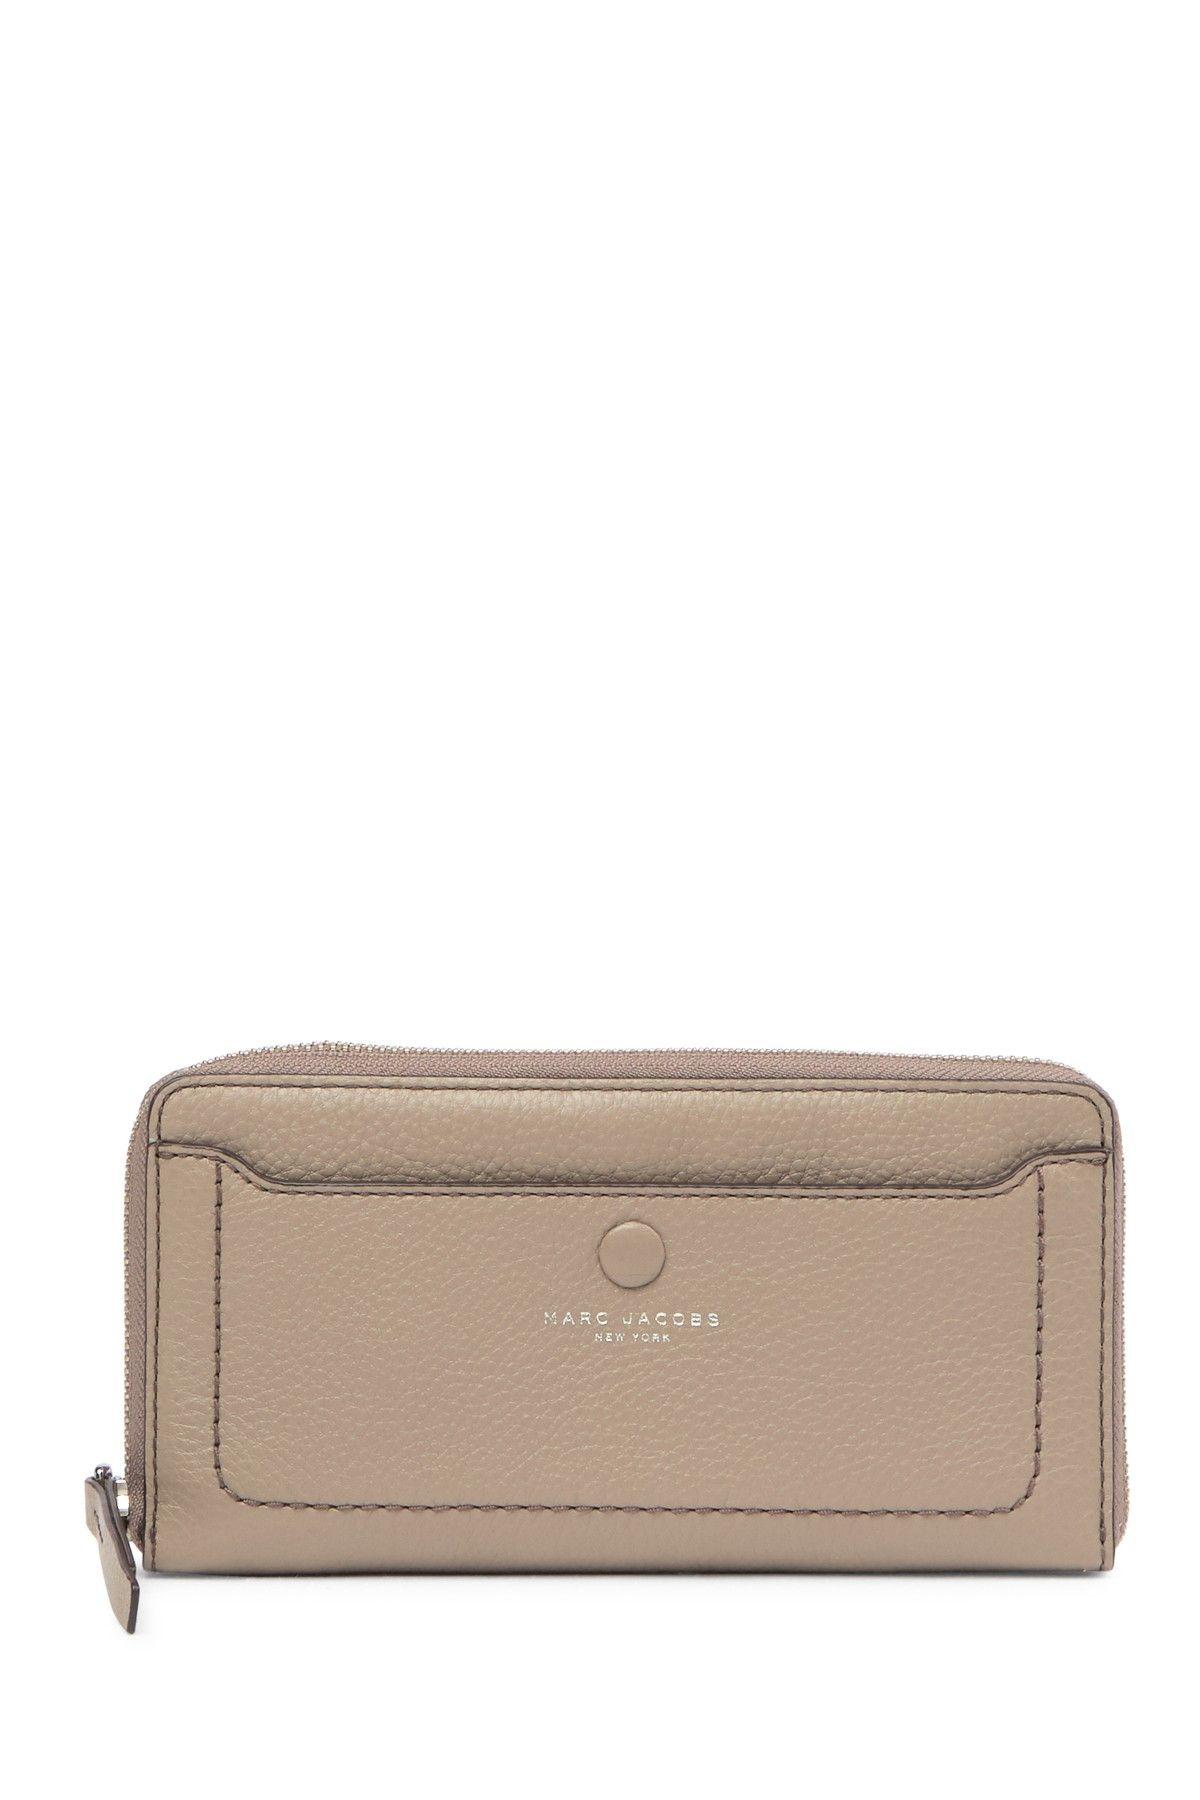 Marc Jacobs | Leather Vertical Zip Around Wallet | Zip